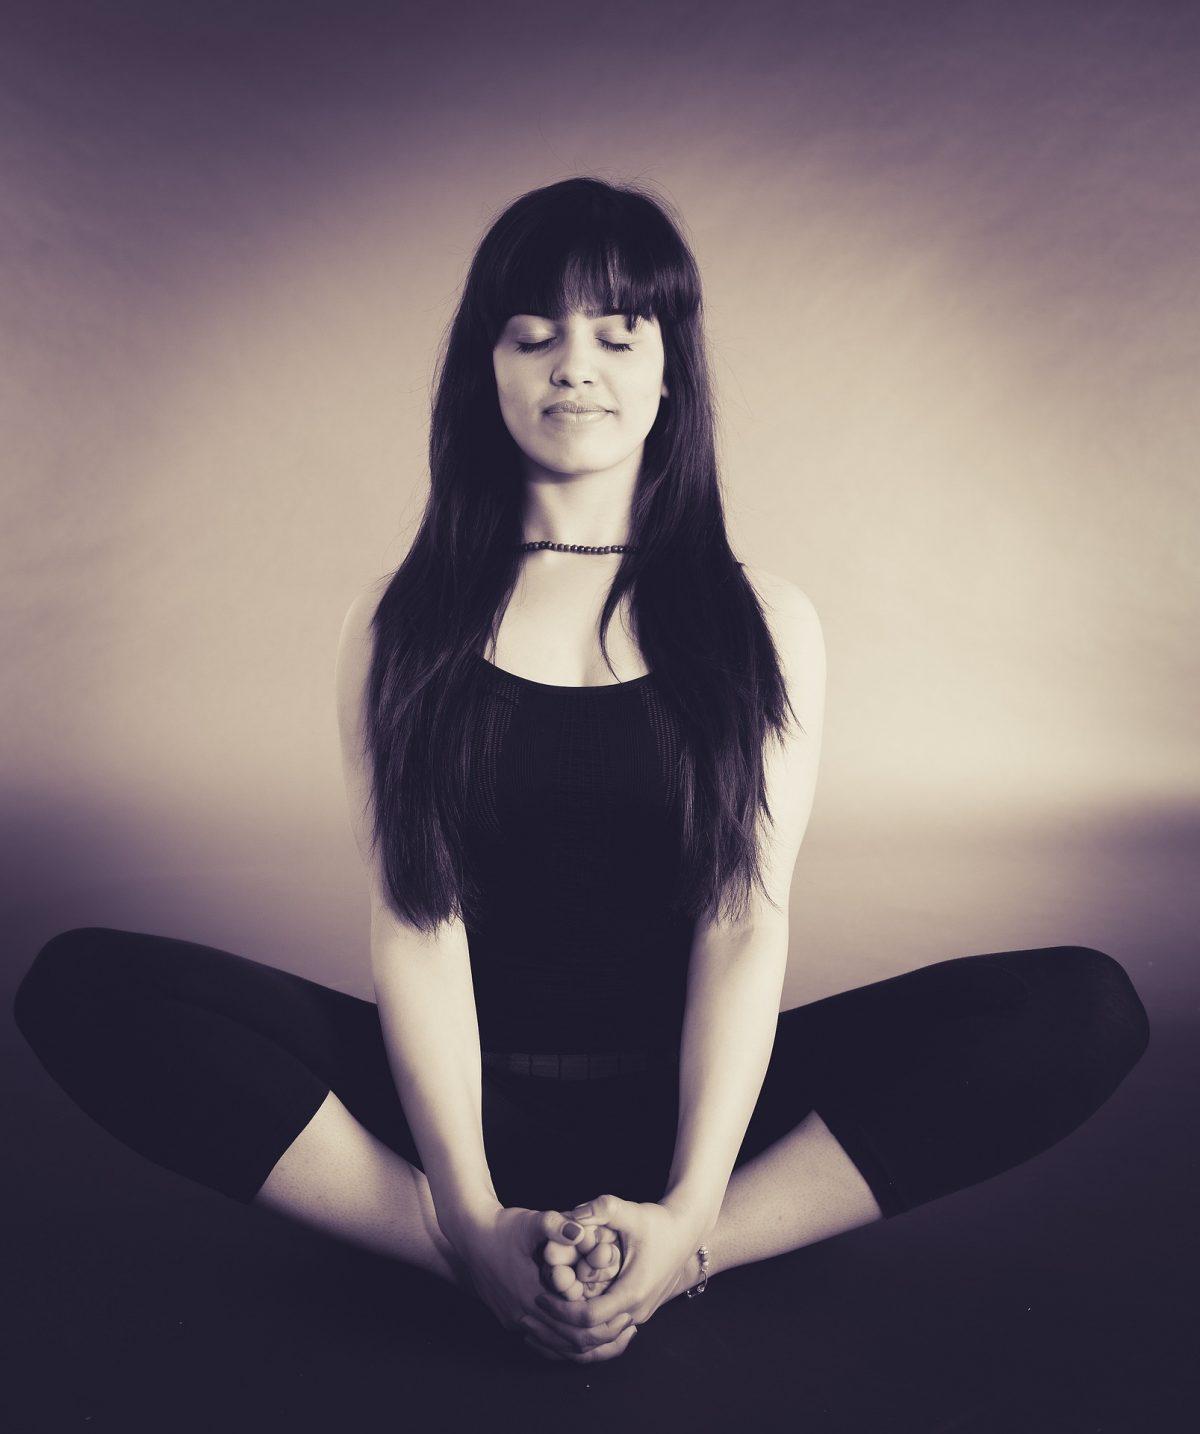 Meditation-altfammed-denver-1200x1434.jpg